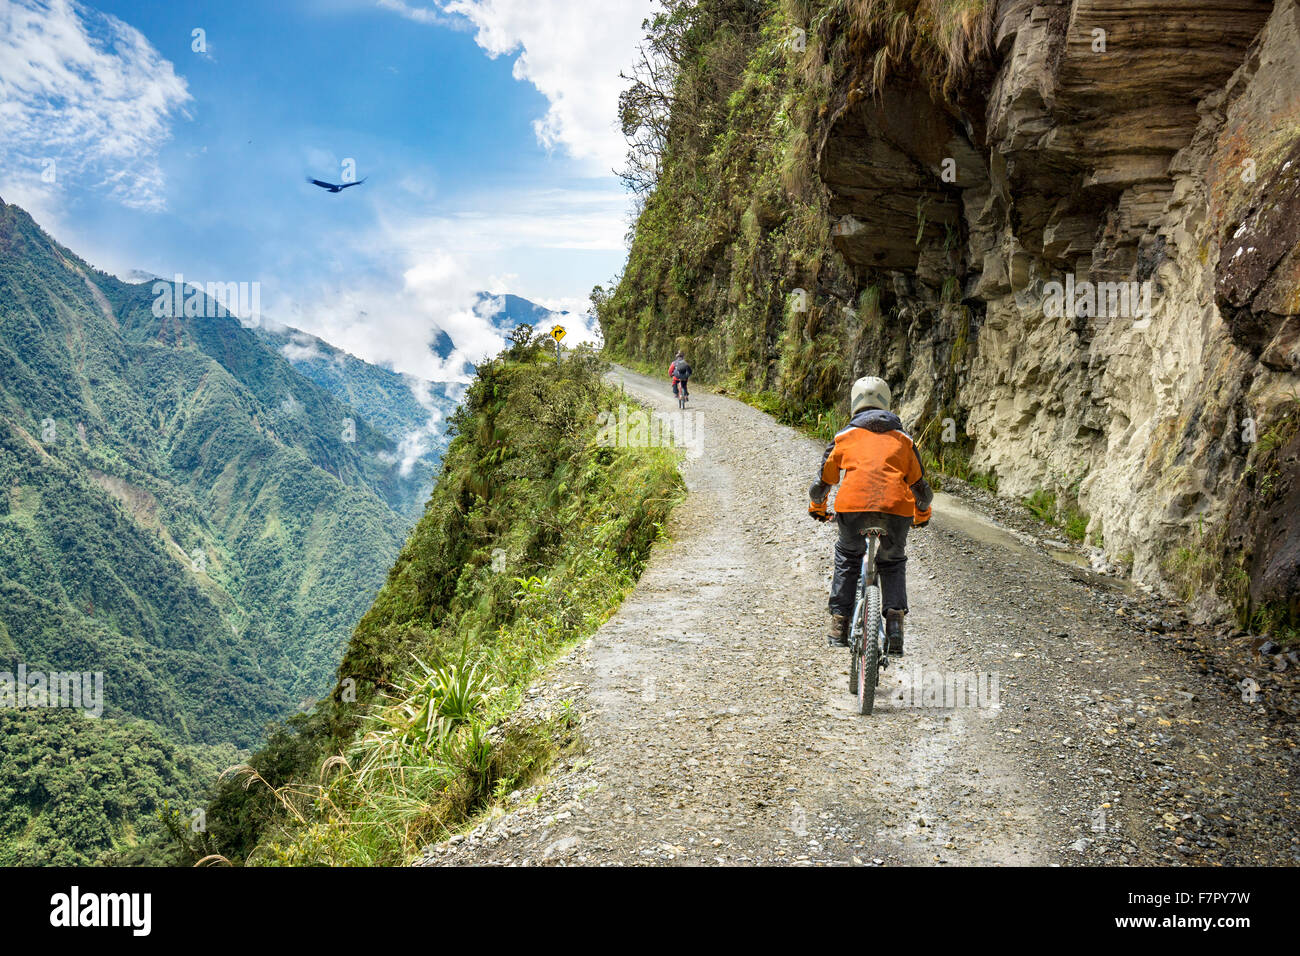 """Bike adventure travel photo. Les touristes à vélo sur la """"route de la mort"""" de la voie de descente Photo Stock"""